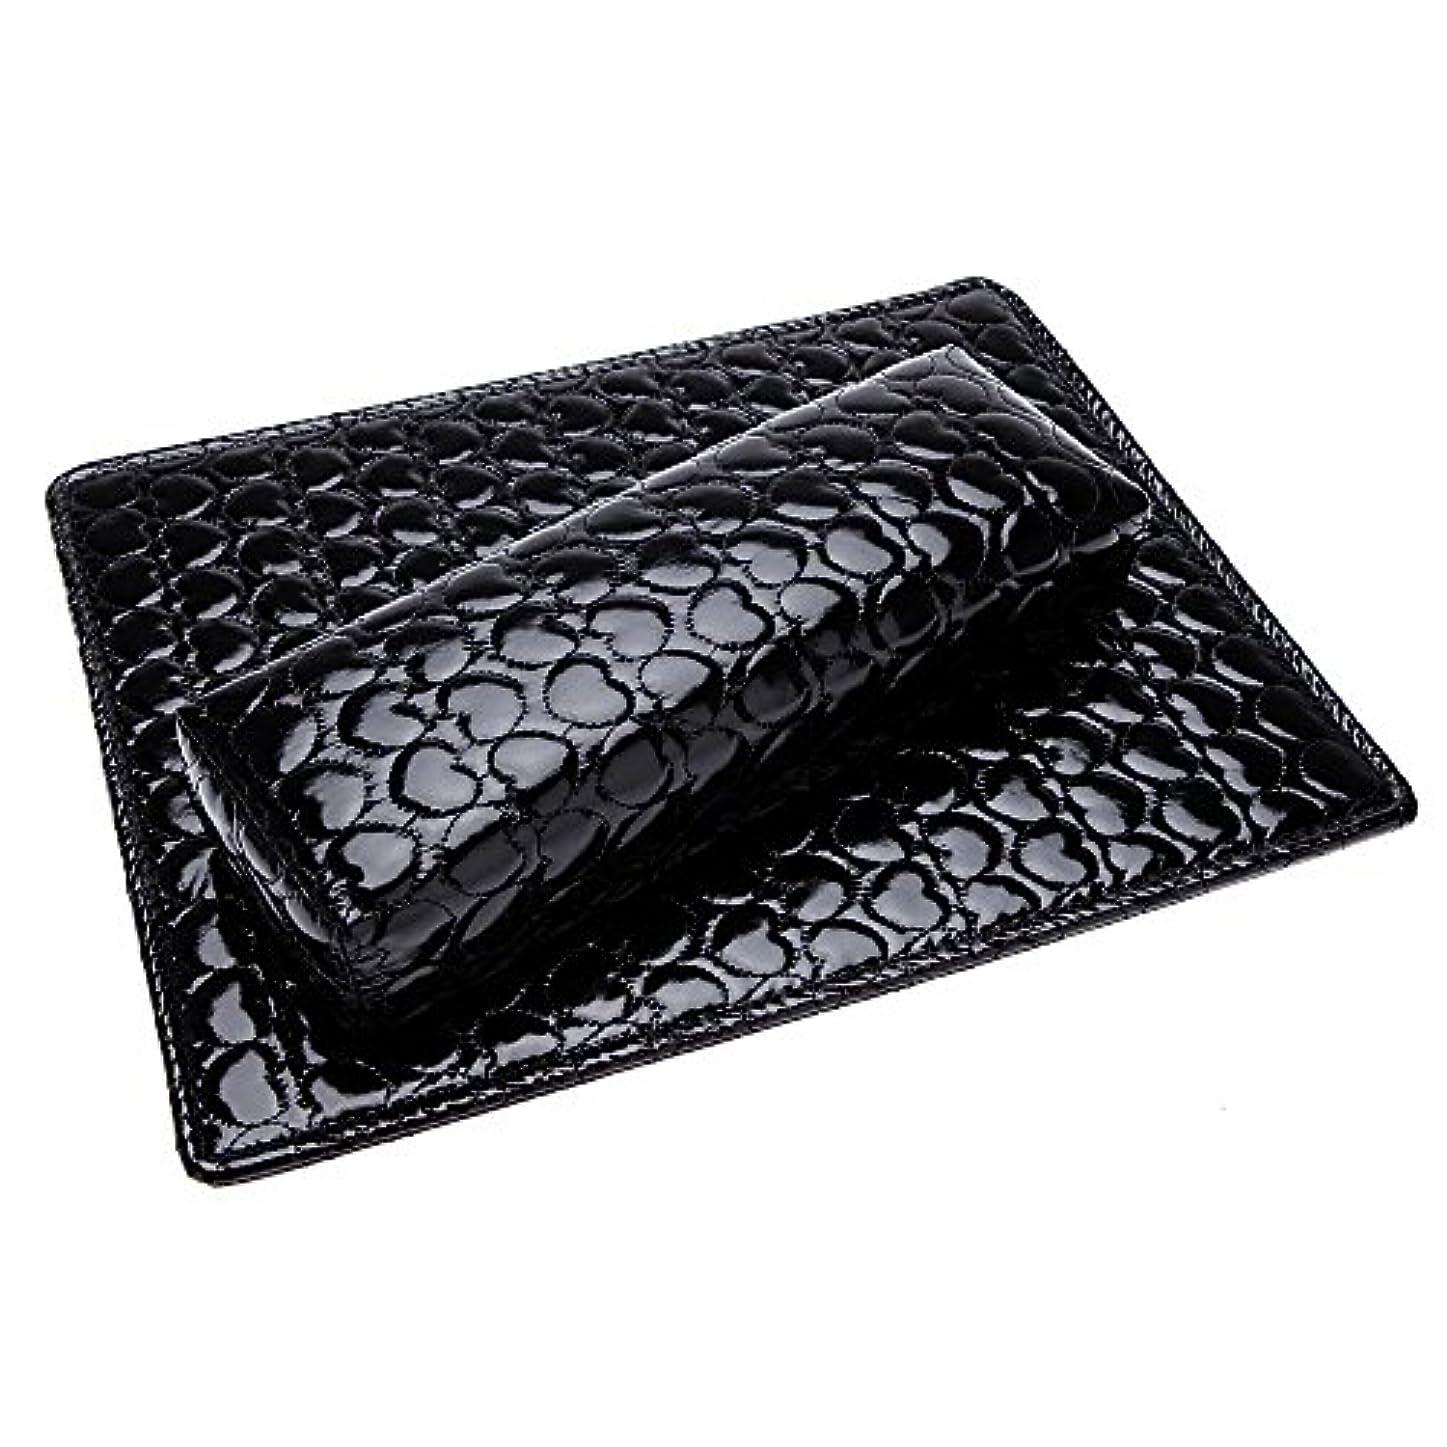 比較的干渉するレッスンSODIAL ソフトハンドクッション枕とパッドレストネイルアートアームレストホルダー マニキュアネイルアートアクセサリー PUレザー 黒